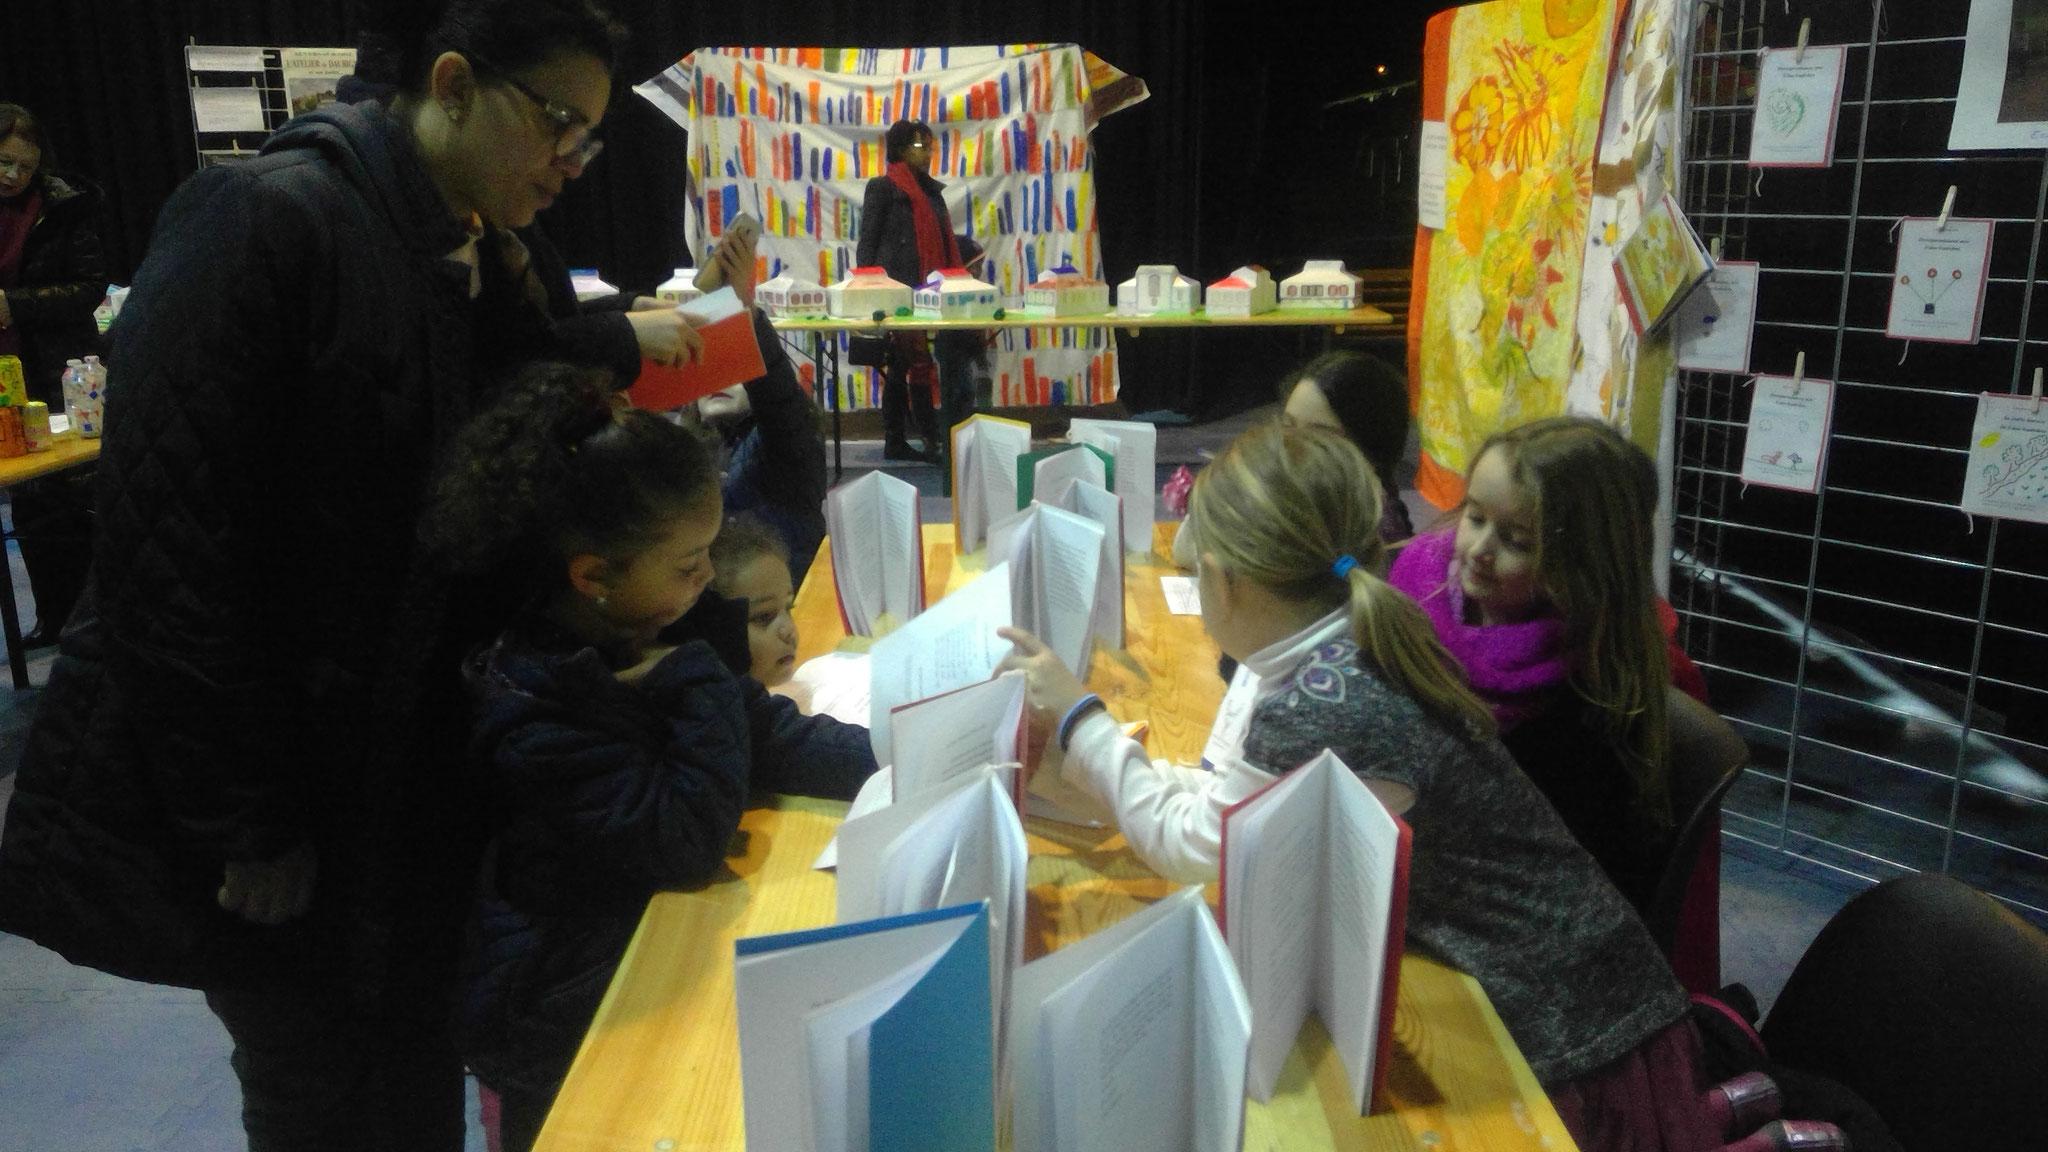 Isabelle Mézières, maire d'Auvers-sur-Oise demandent des explications aux enfants sur leurs travaux d'écriture